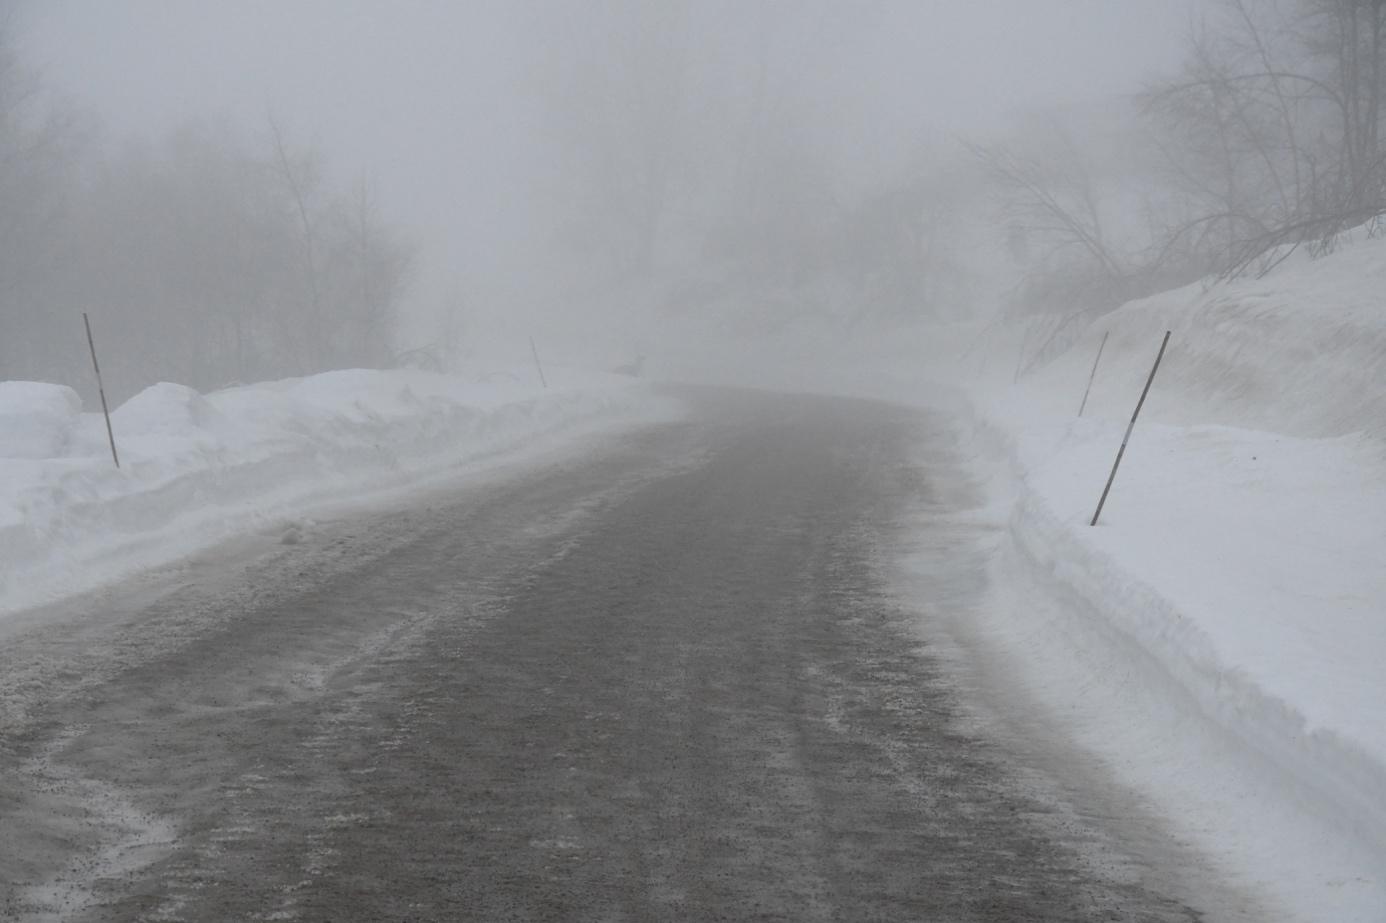 Et bilde som inneholder snø, utendørs, natur, kommer  Automatisk generert beskrivelse